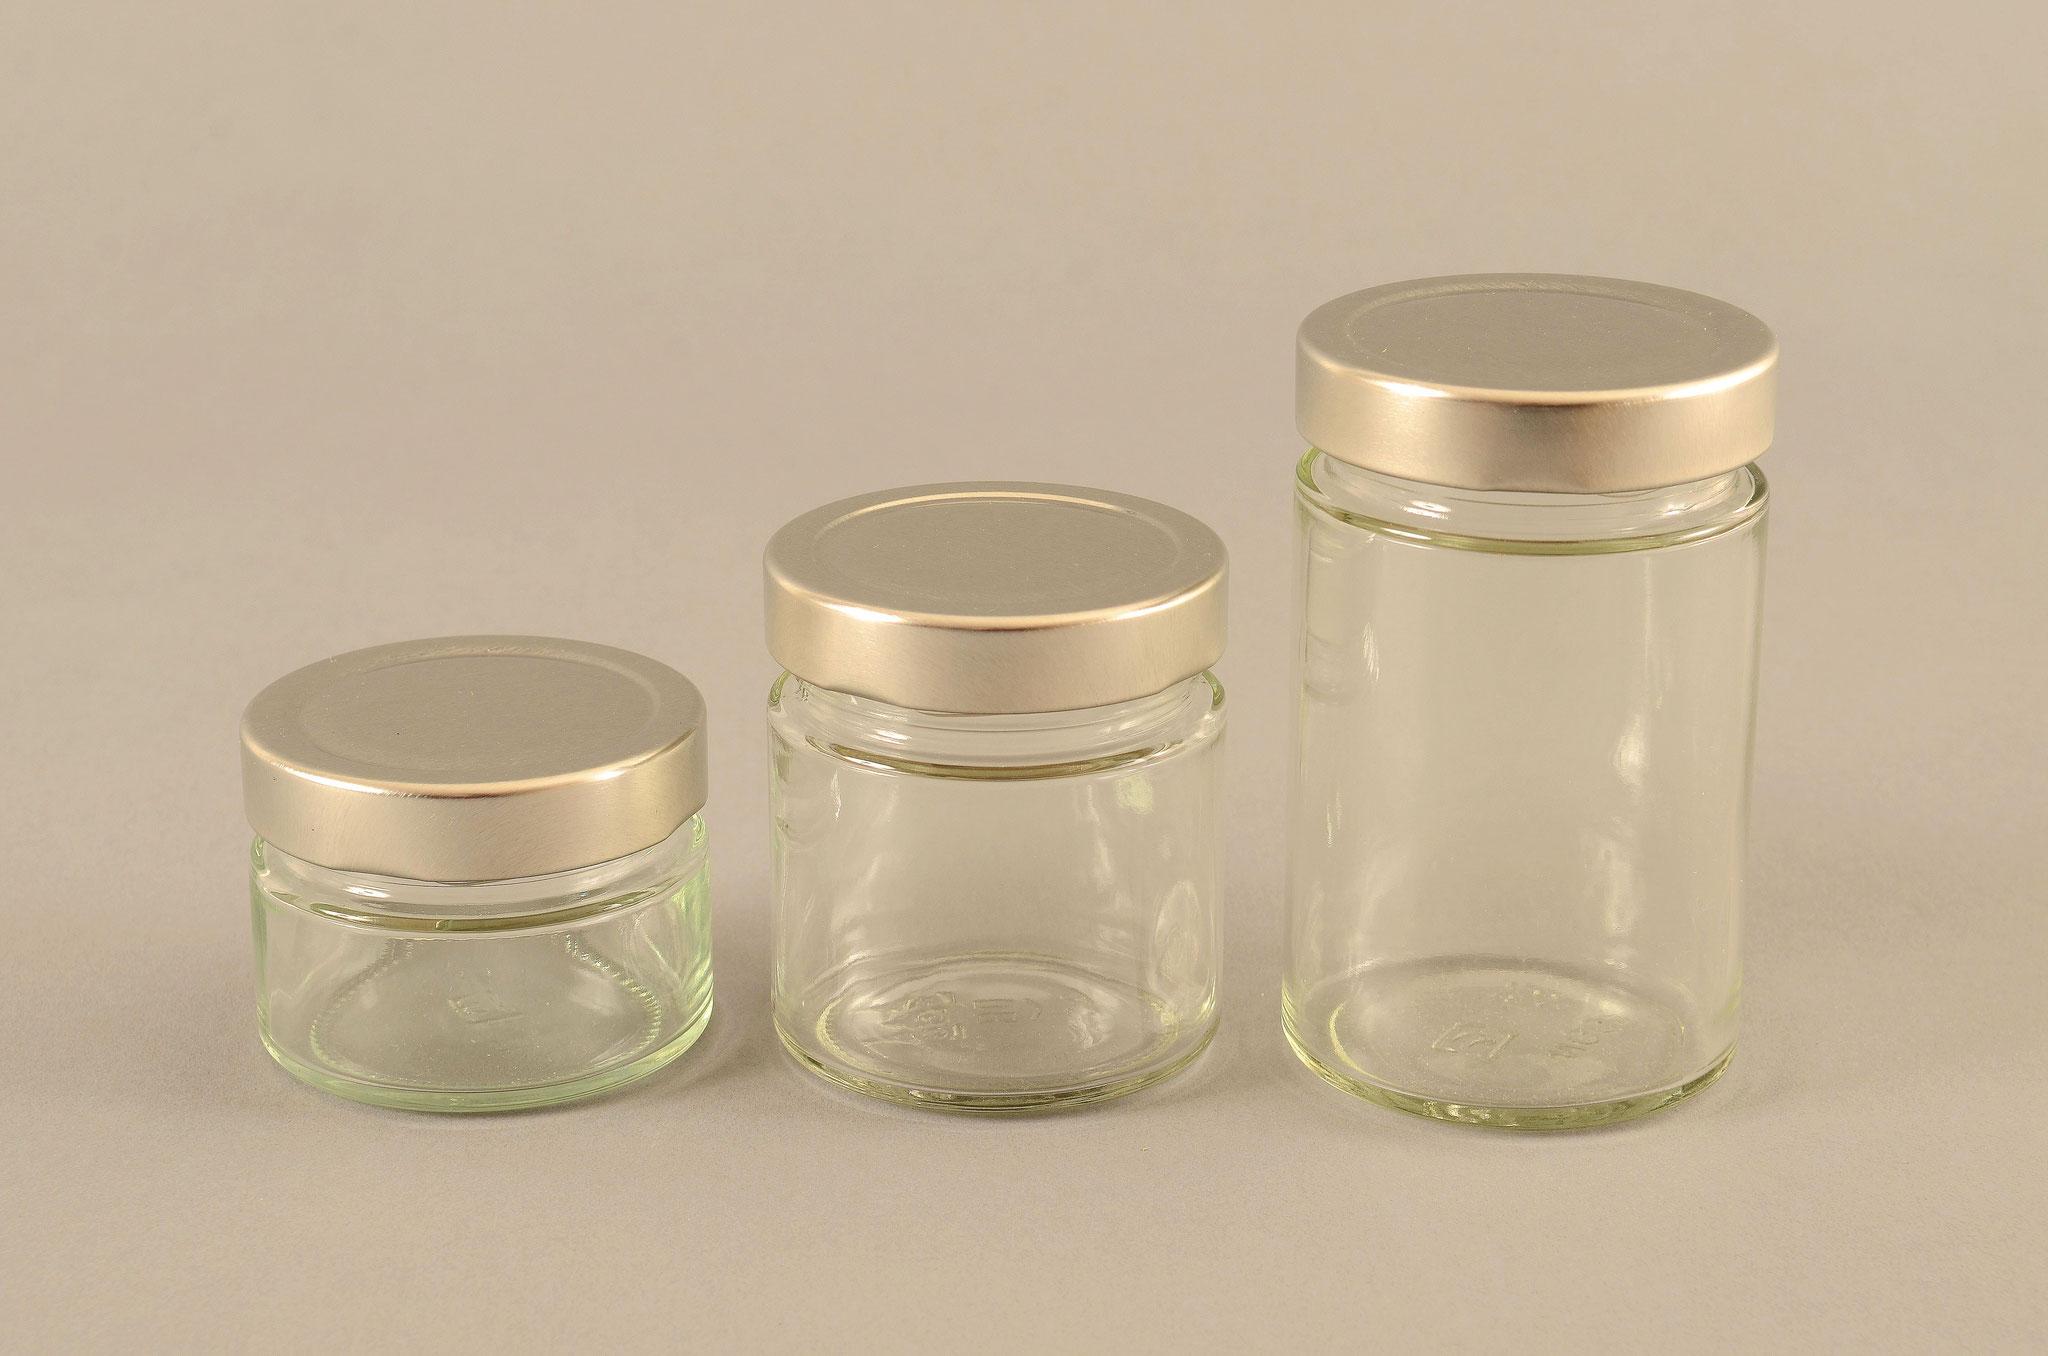 Aus dem TREFFPACK Sortiment -Rundes Marmeladen Glas